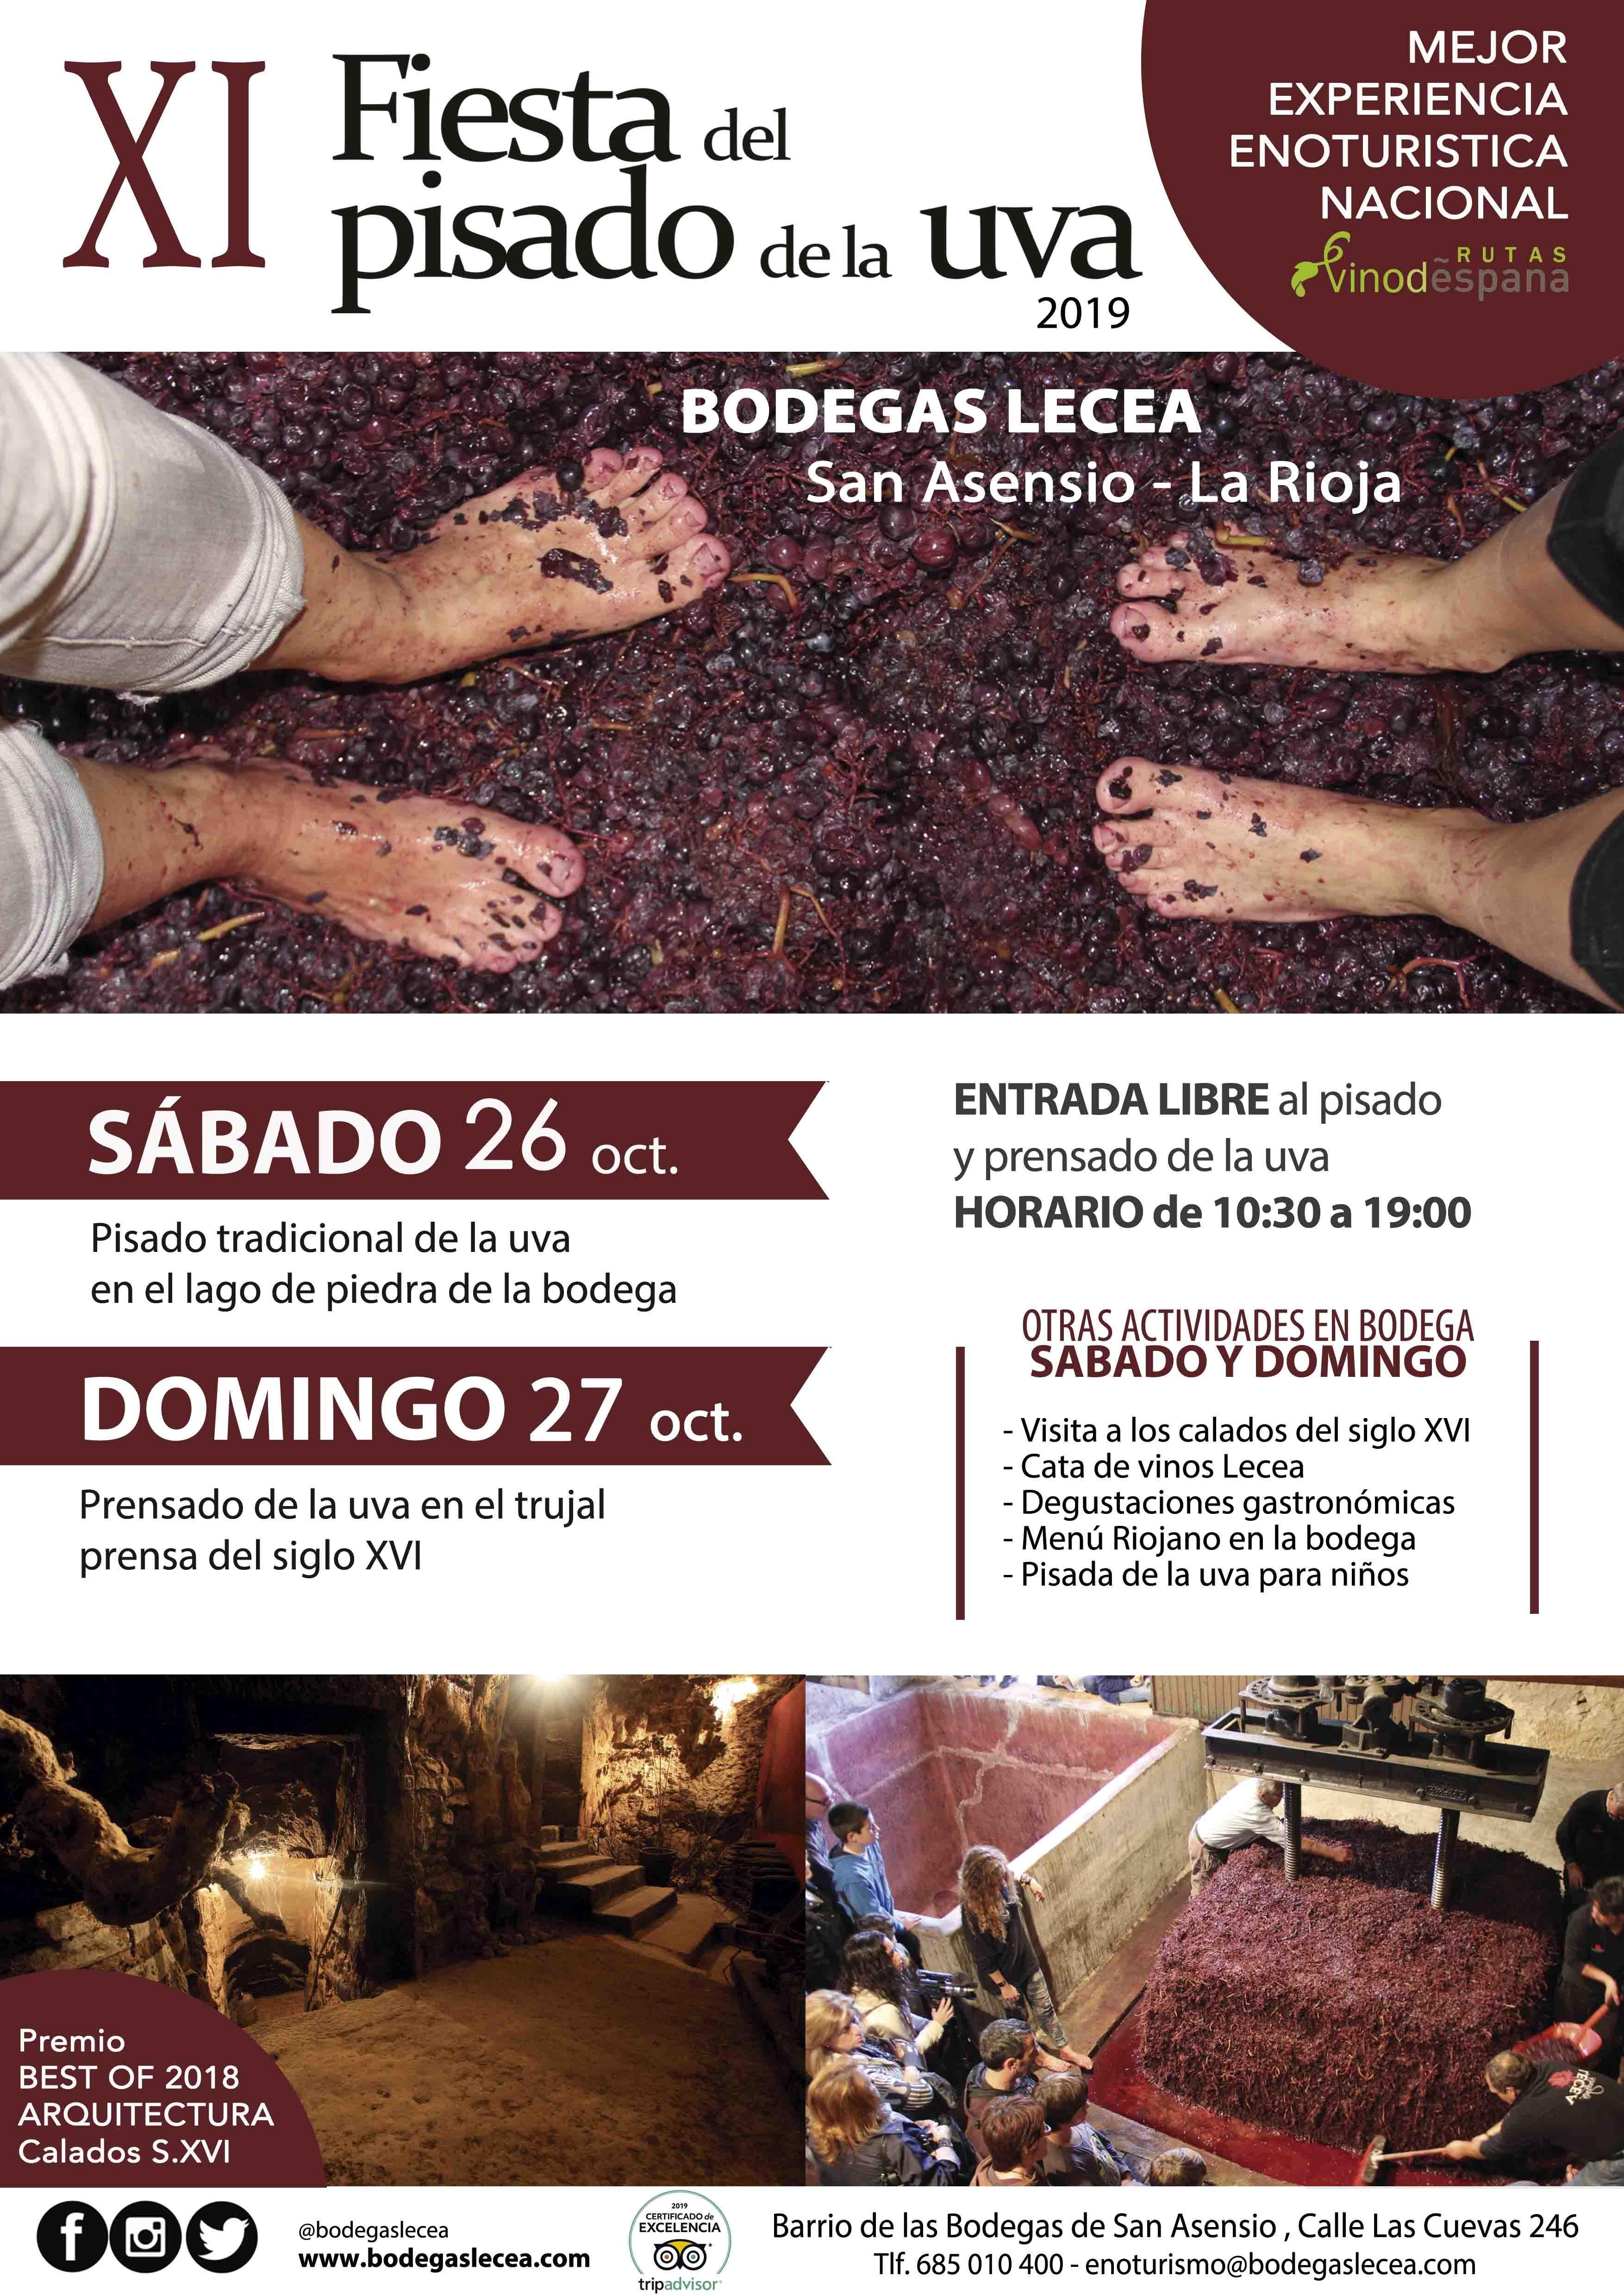 Xi Fiesta Del Pisado De La Uva Agenda La Rioja Turismo